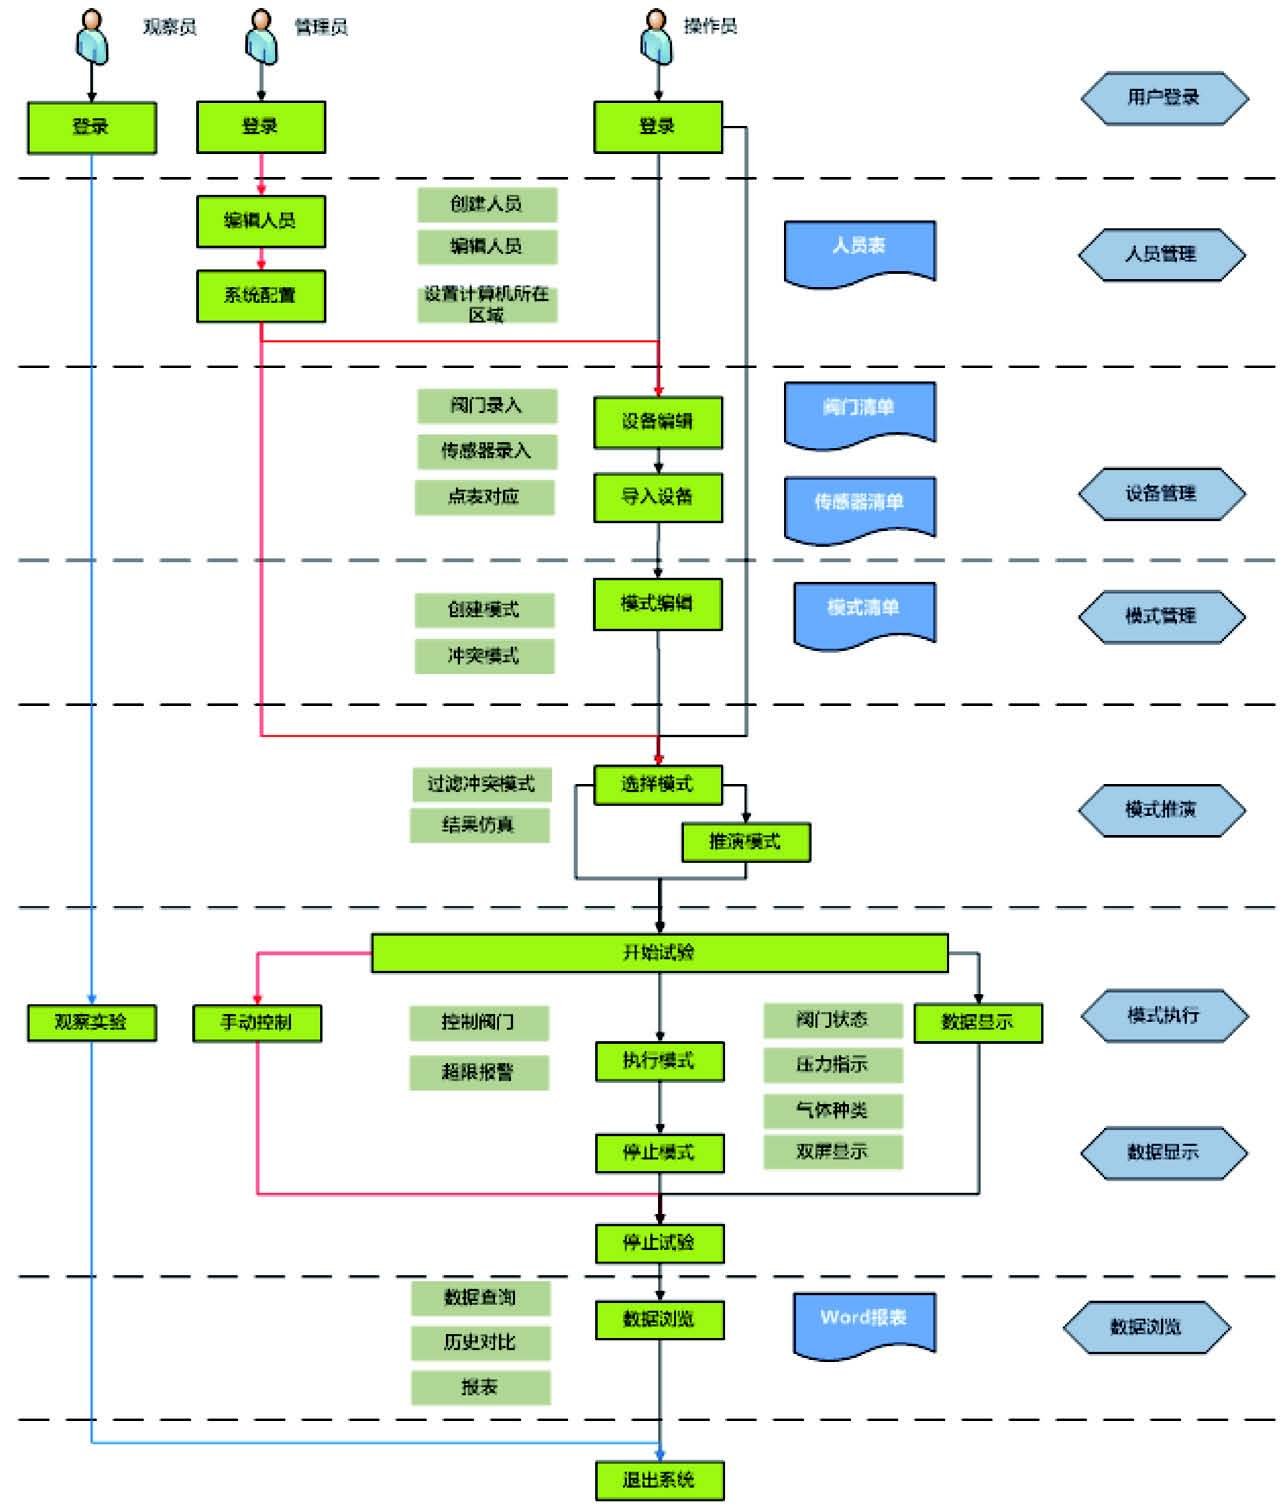 系统功能流转与模块划分